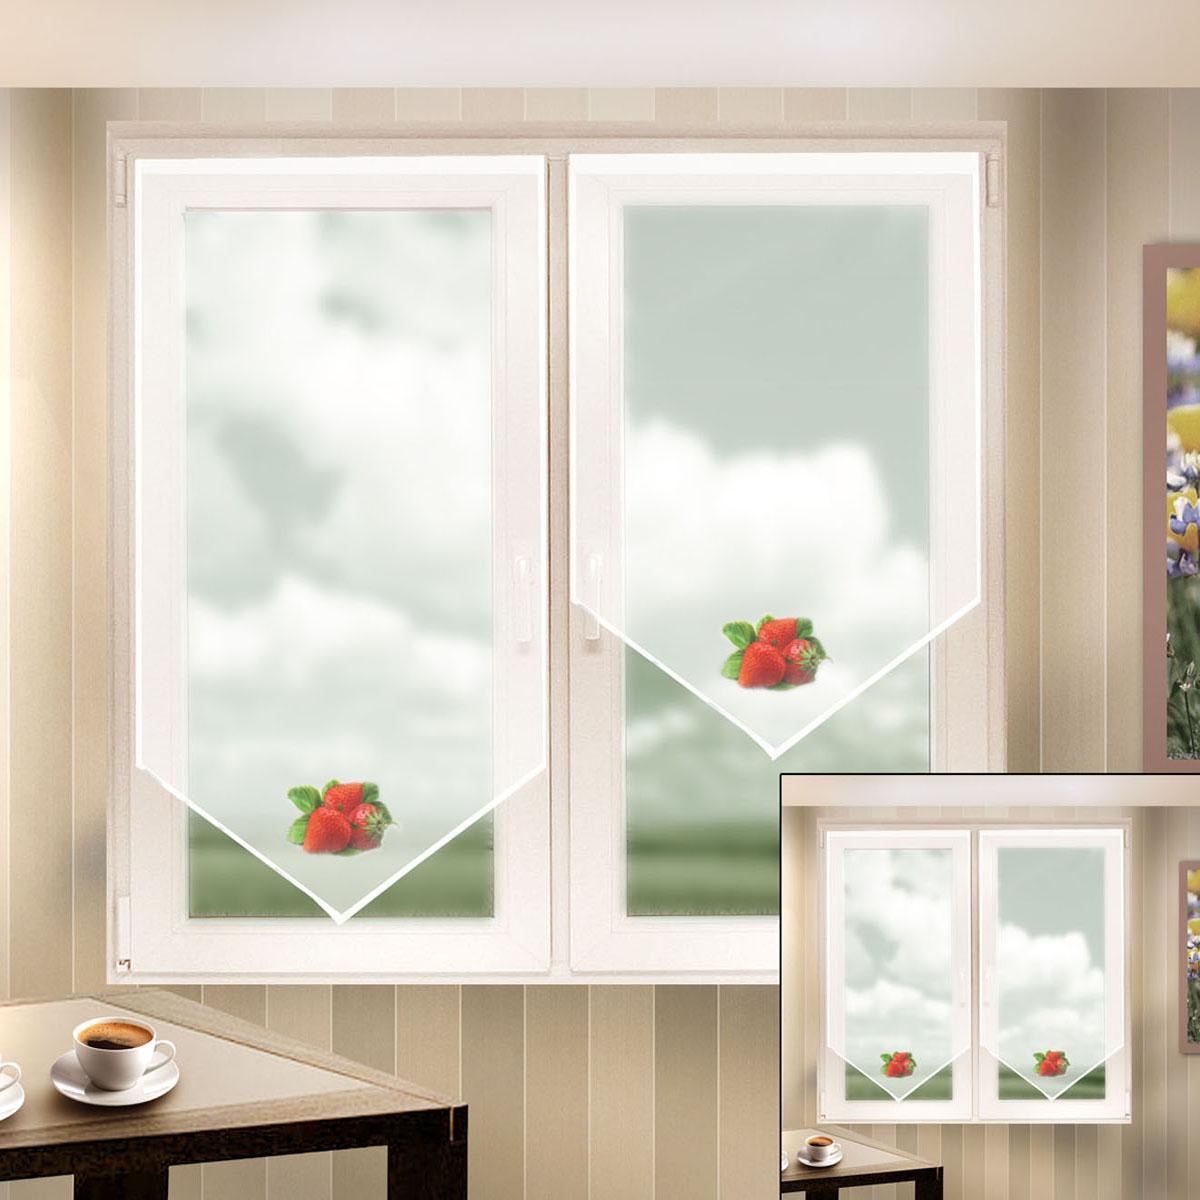 Гардина Zlata Korunka, на липкой ленте, цвет: белый, высота 90 см. 666051-2666051-2Гардина на липкой ленте Zlata Korunka, изготовленная из легкого полиэстера, станет великолепнымукрашением любого окна. Полотно из белой вуали с печатным рисунком привлечет ксебе внимание и органично впишется в интерьер комнаты. Крепление на липкой ленте, не требующее сверления стен и карниза. Многоразовое и мгновенное крепление.